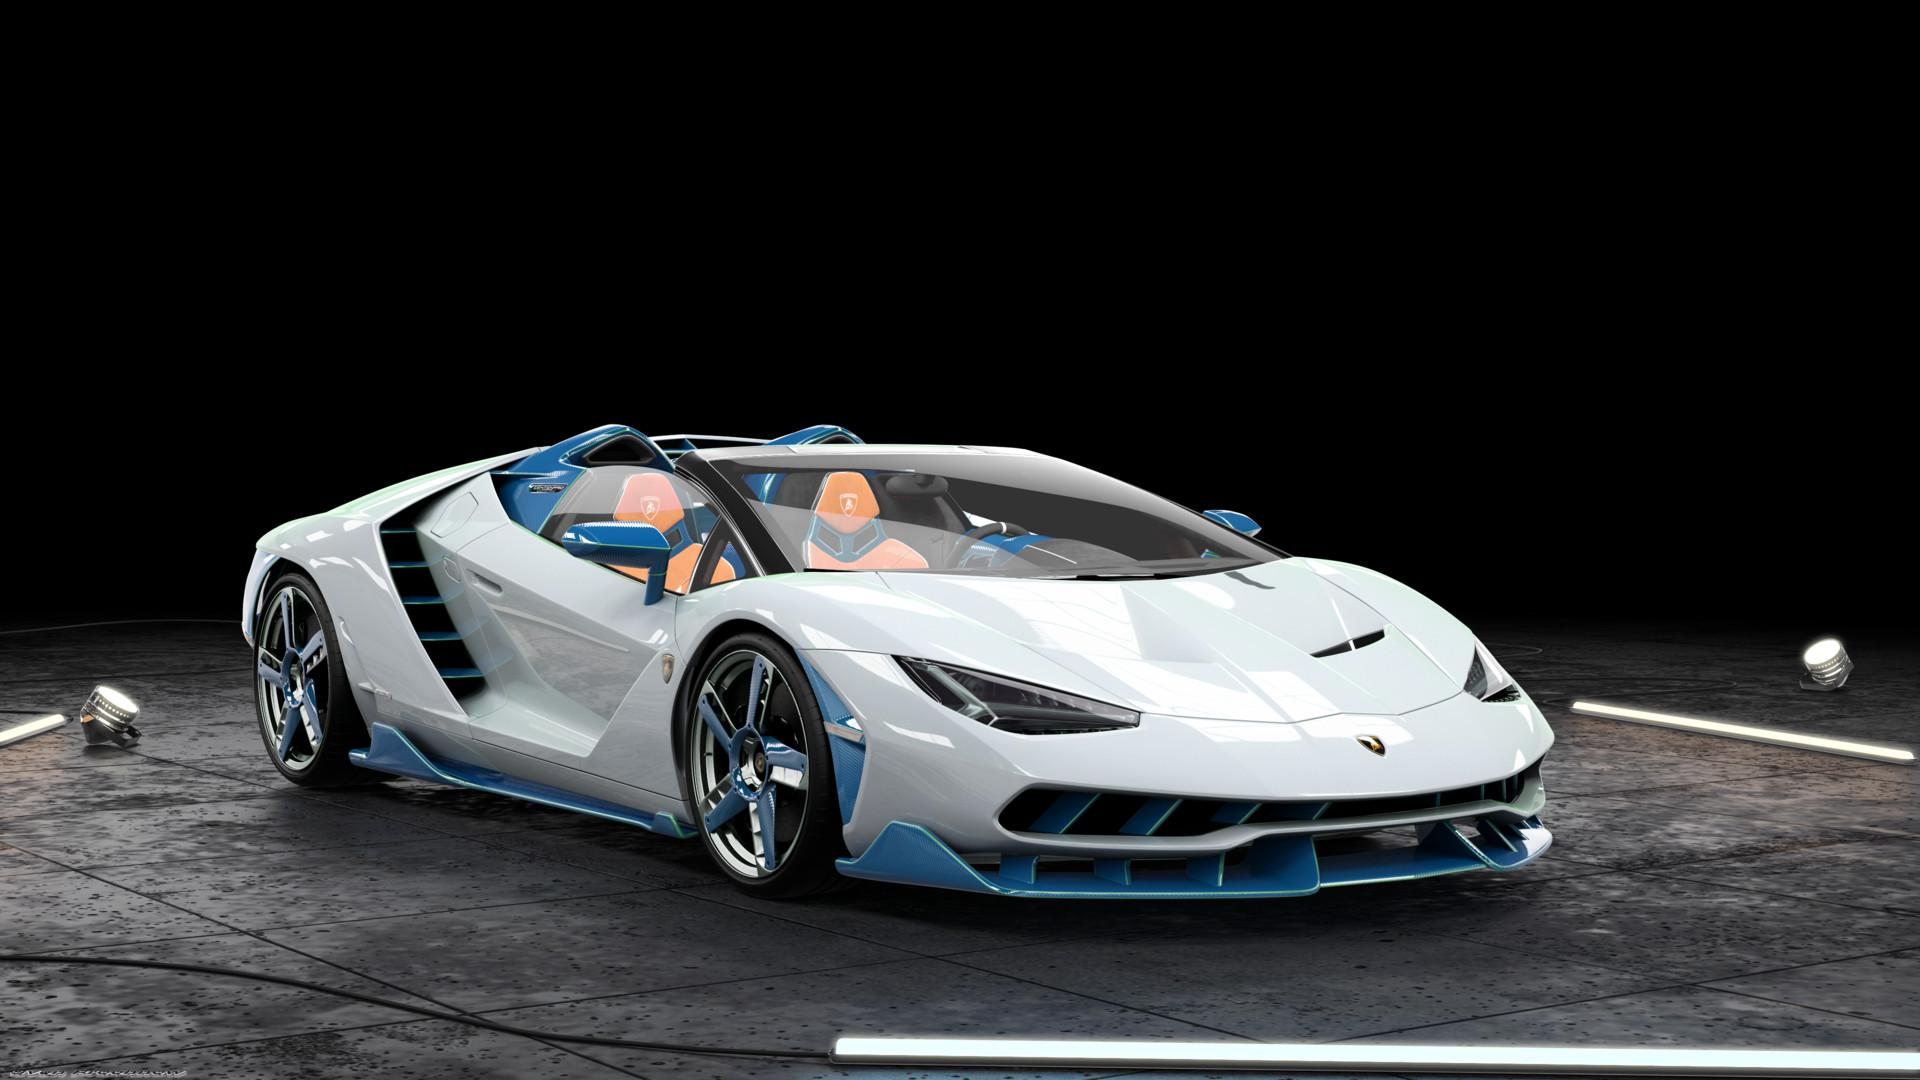 Sven Prochnow Lamborghini Centenario Roadster